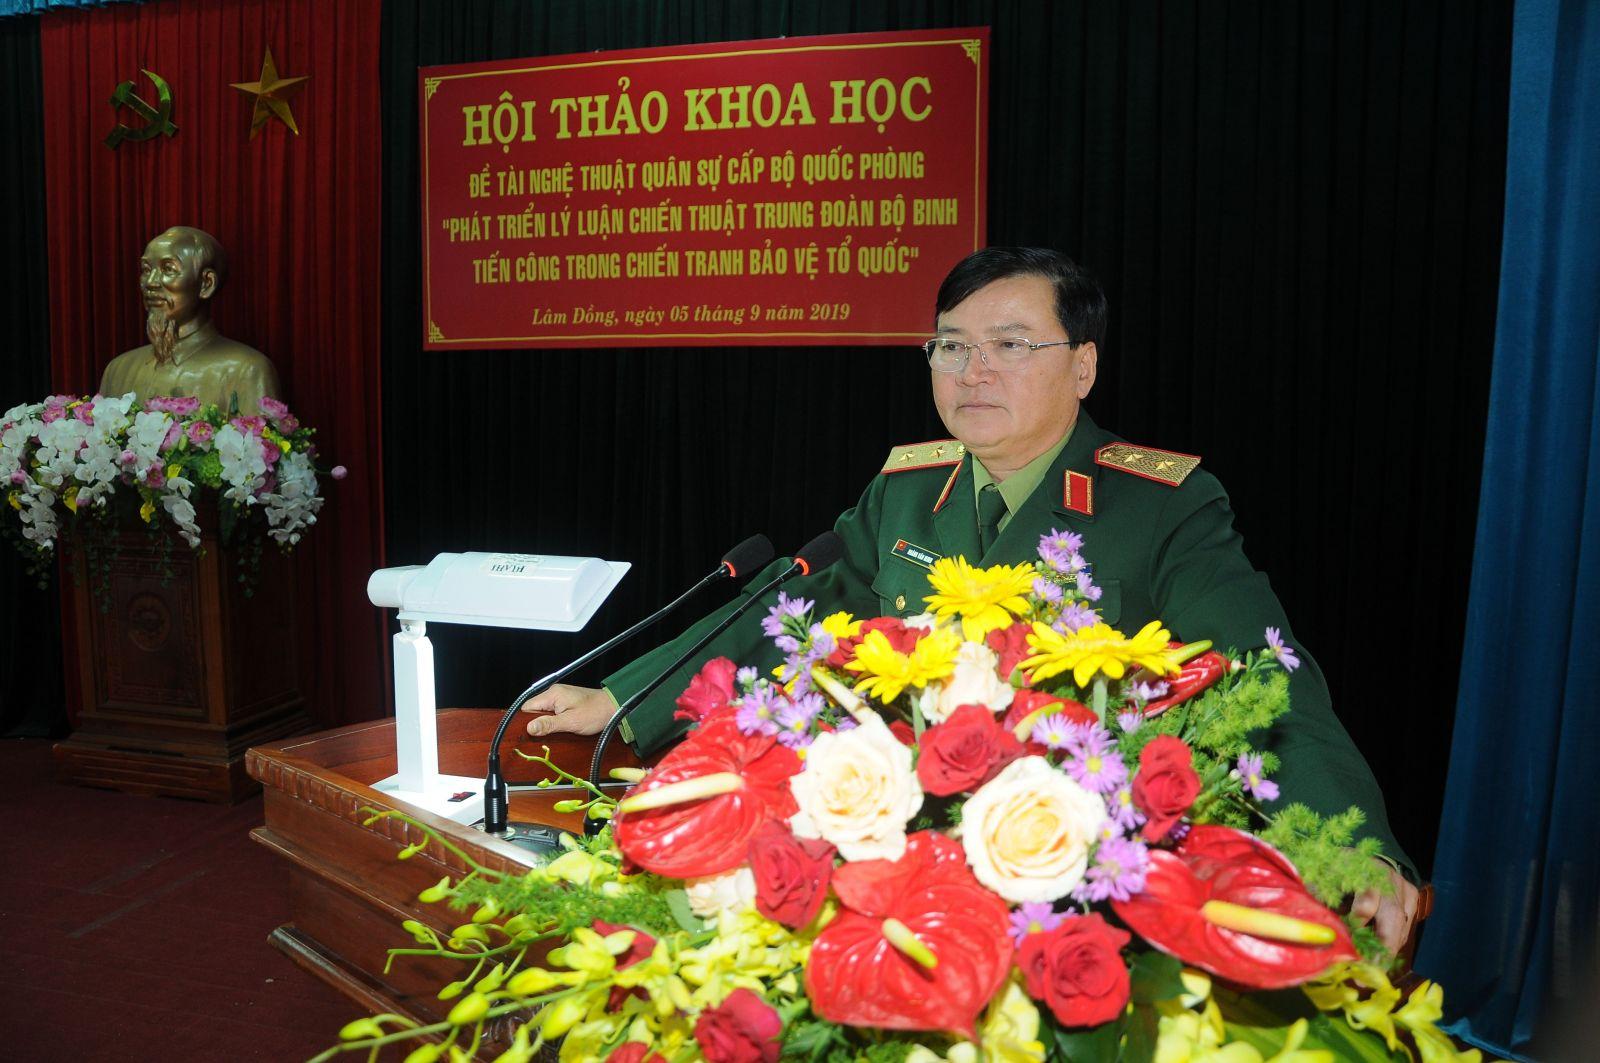 Học viện Lục quân tổ chức Hội thảo Khoa học Đề tài Nghệ thuật quân sự cấp Bộ quốc phòng